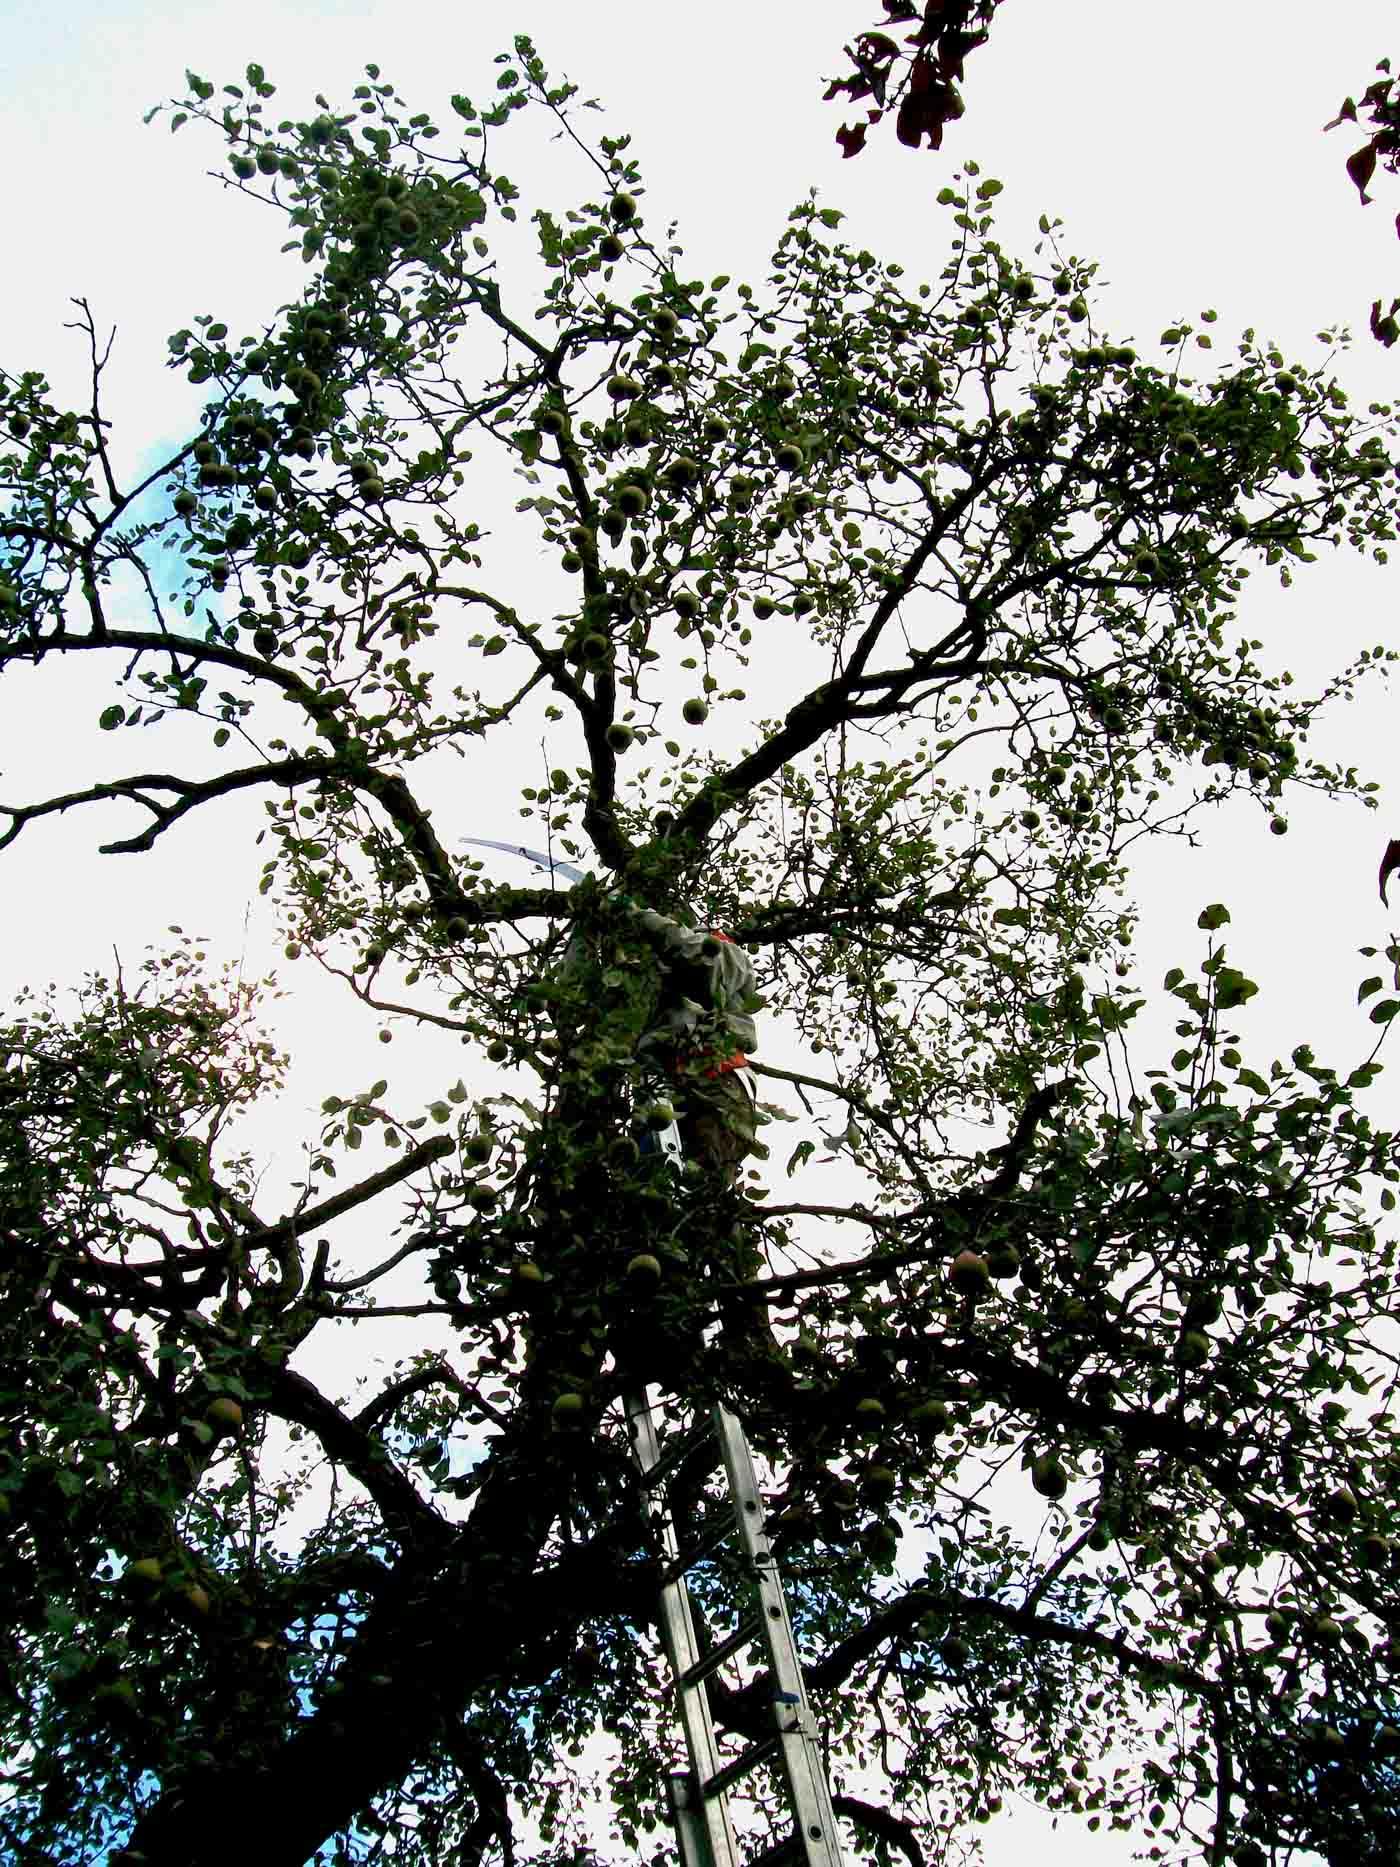 2010-09-18-snoeien-de-pol-4